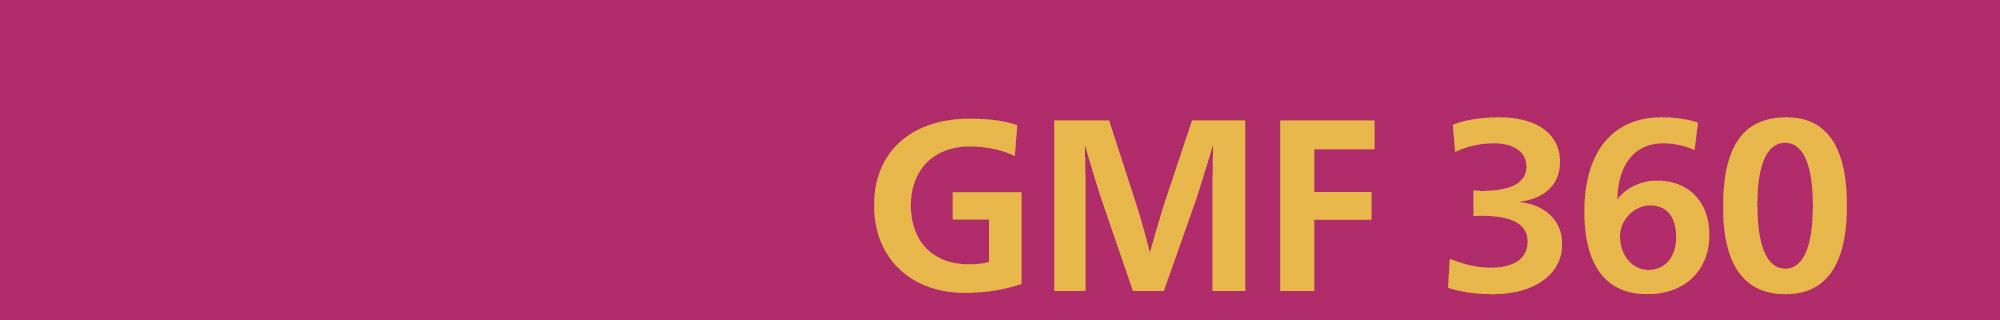 GMF 360